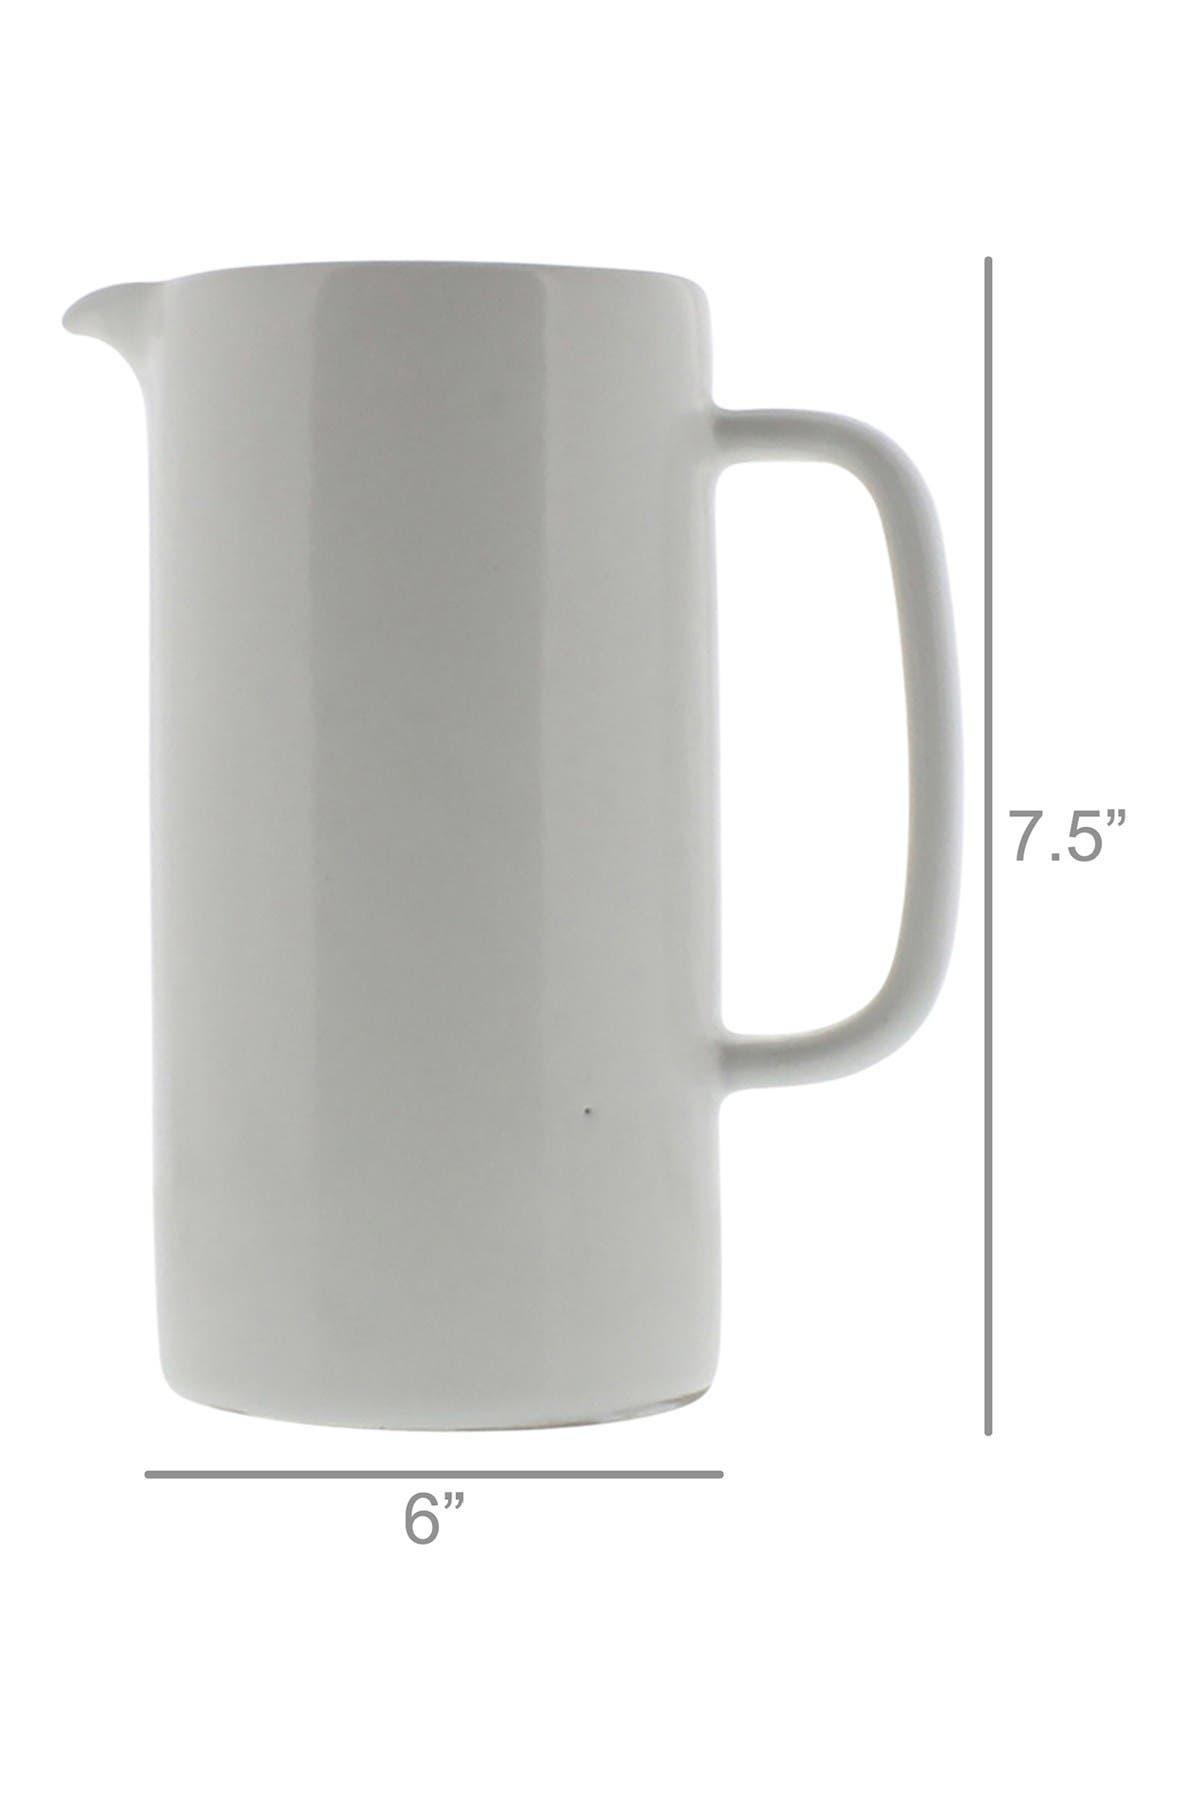 Image of HOMART Liam Large Ceramic Pitcher - White Glaze